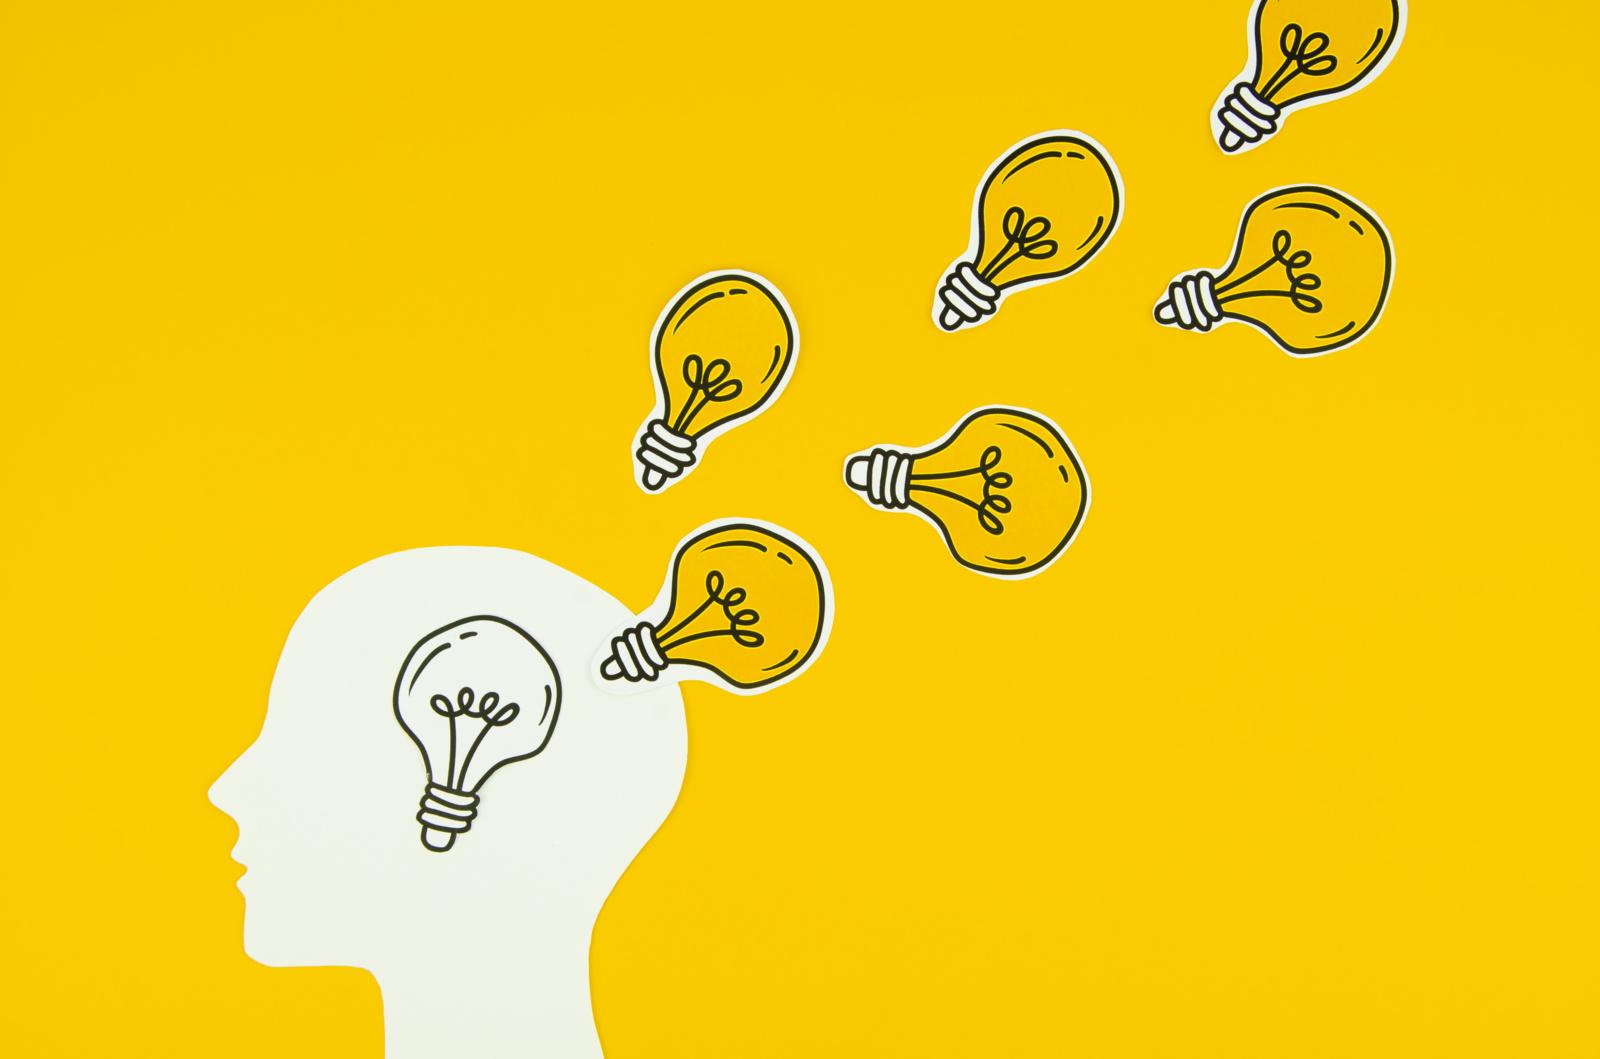 Utenos apskrities verslui gyventojai pažėrė socialinės atsakomybės idėjų